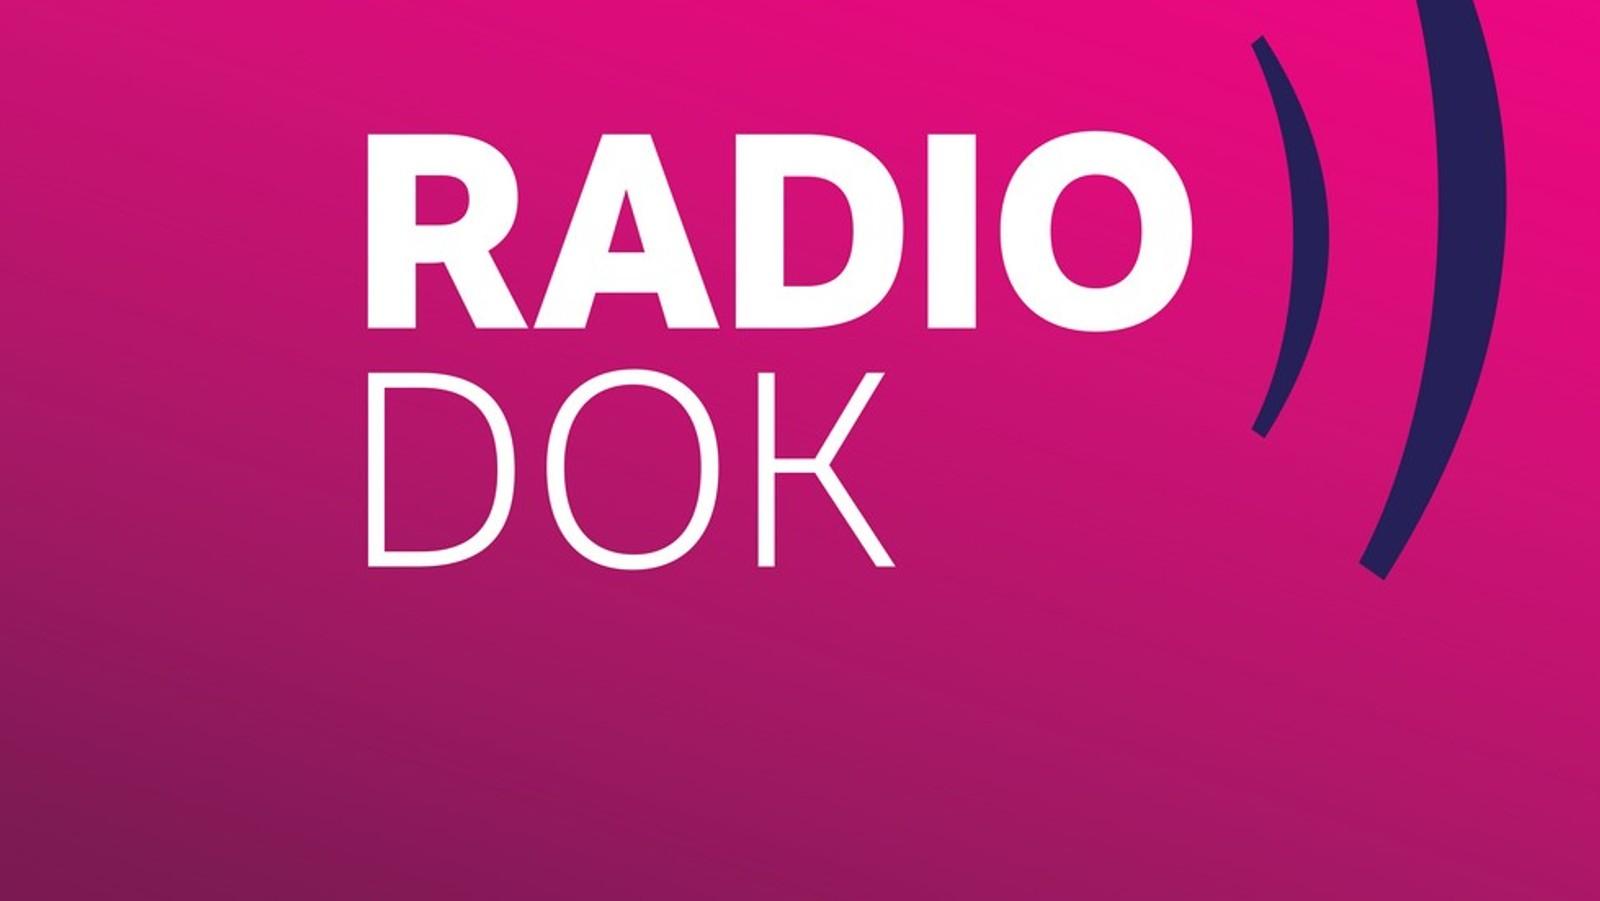 Radiodok Nrk Radio